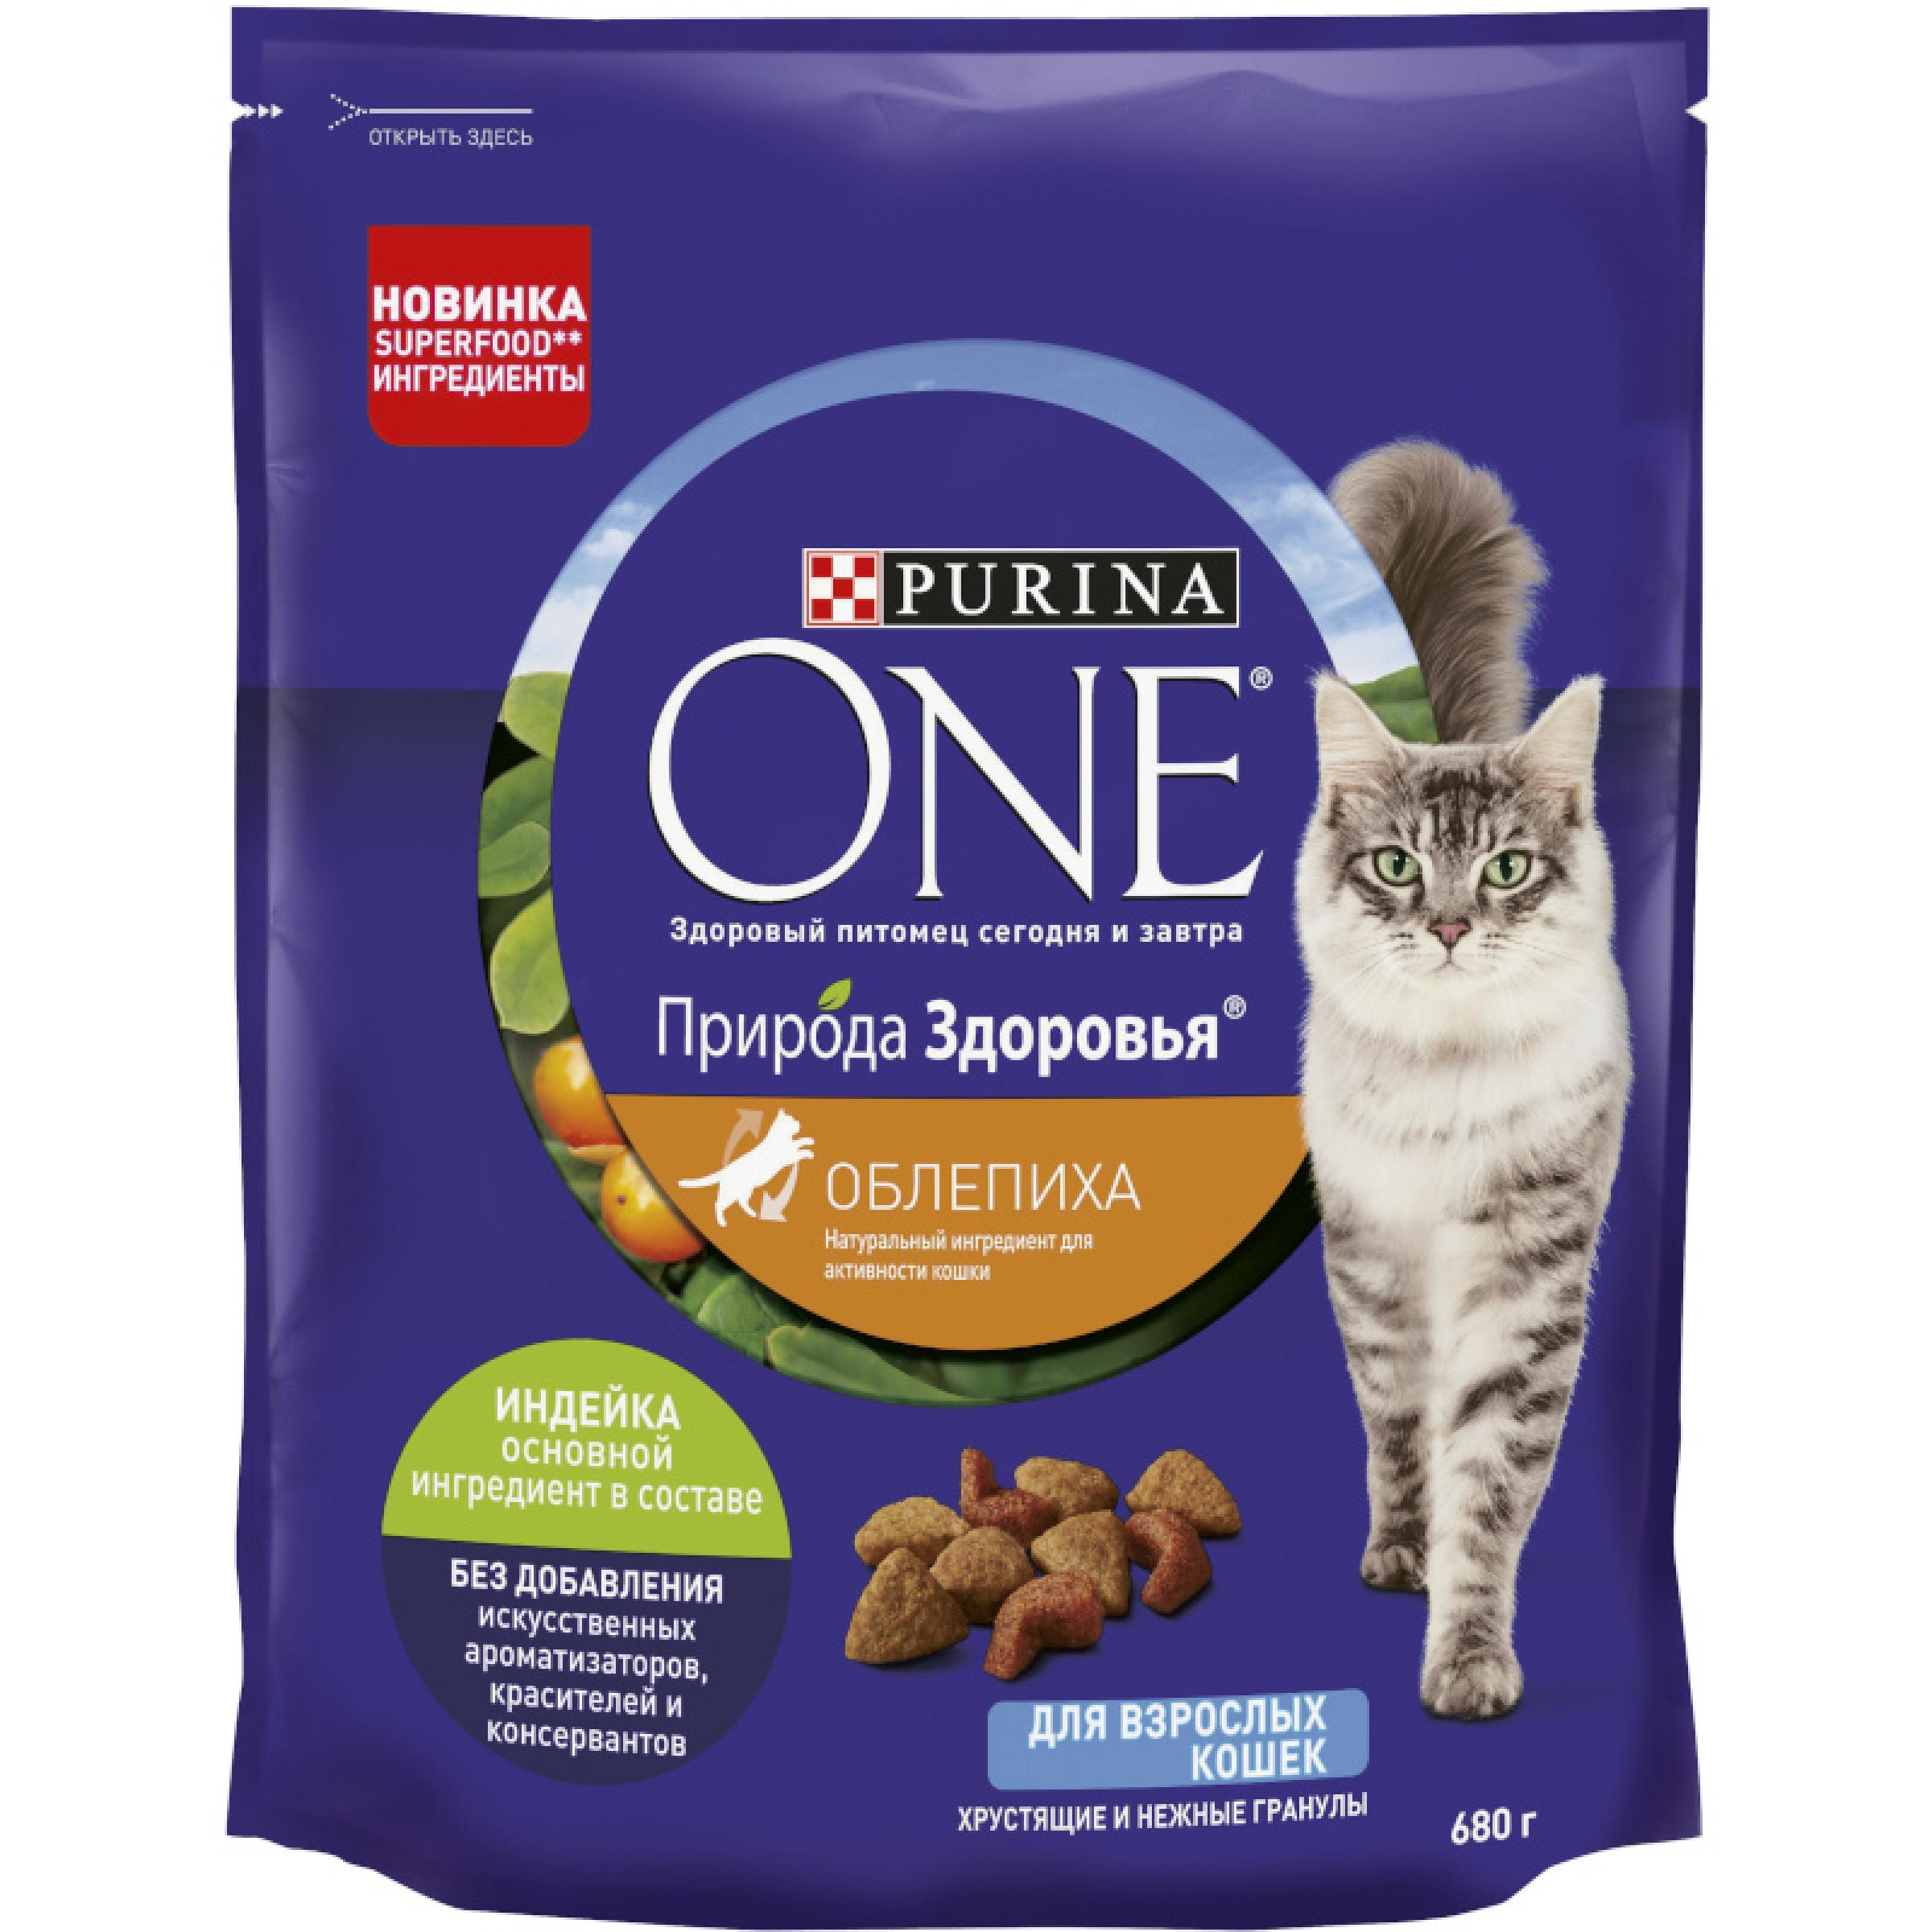 Purina ONE® Природа здоровья для взрослых кошек, с высоким содержанием индейки, 680 г